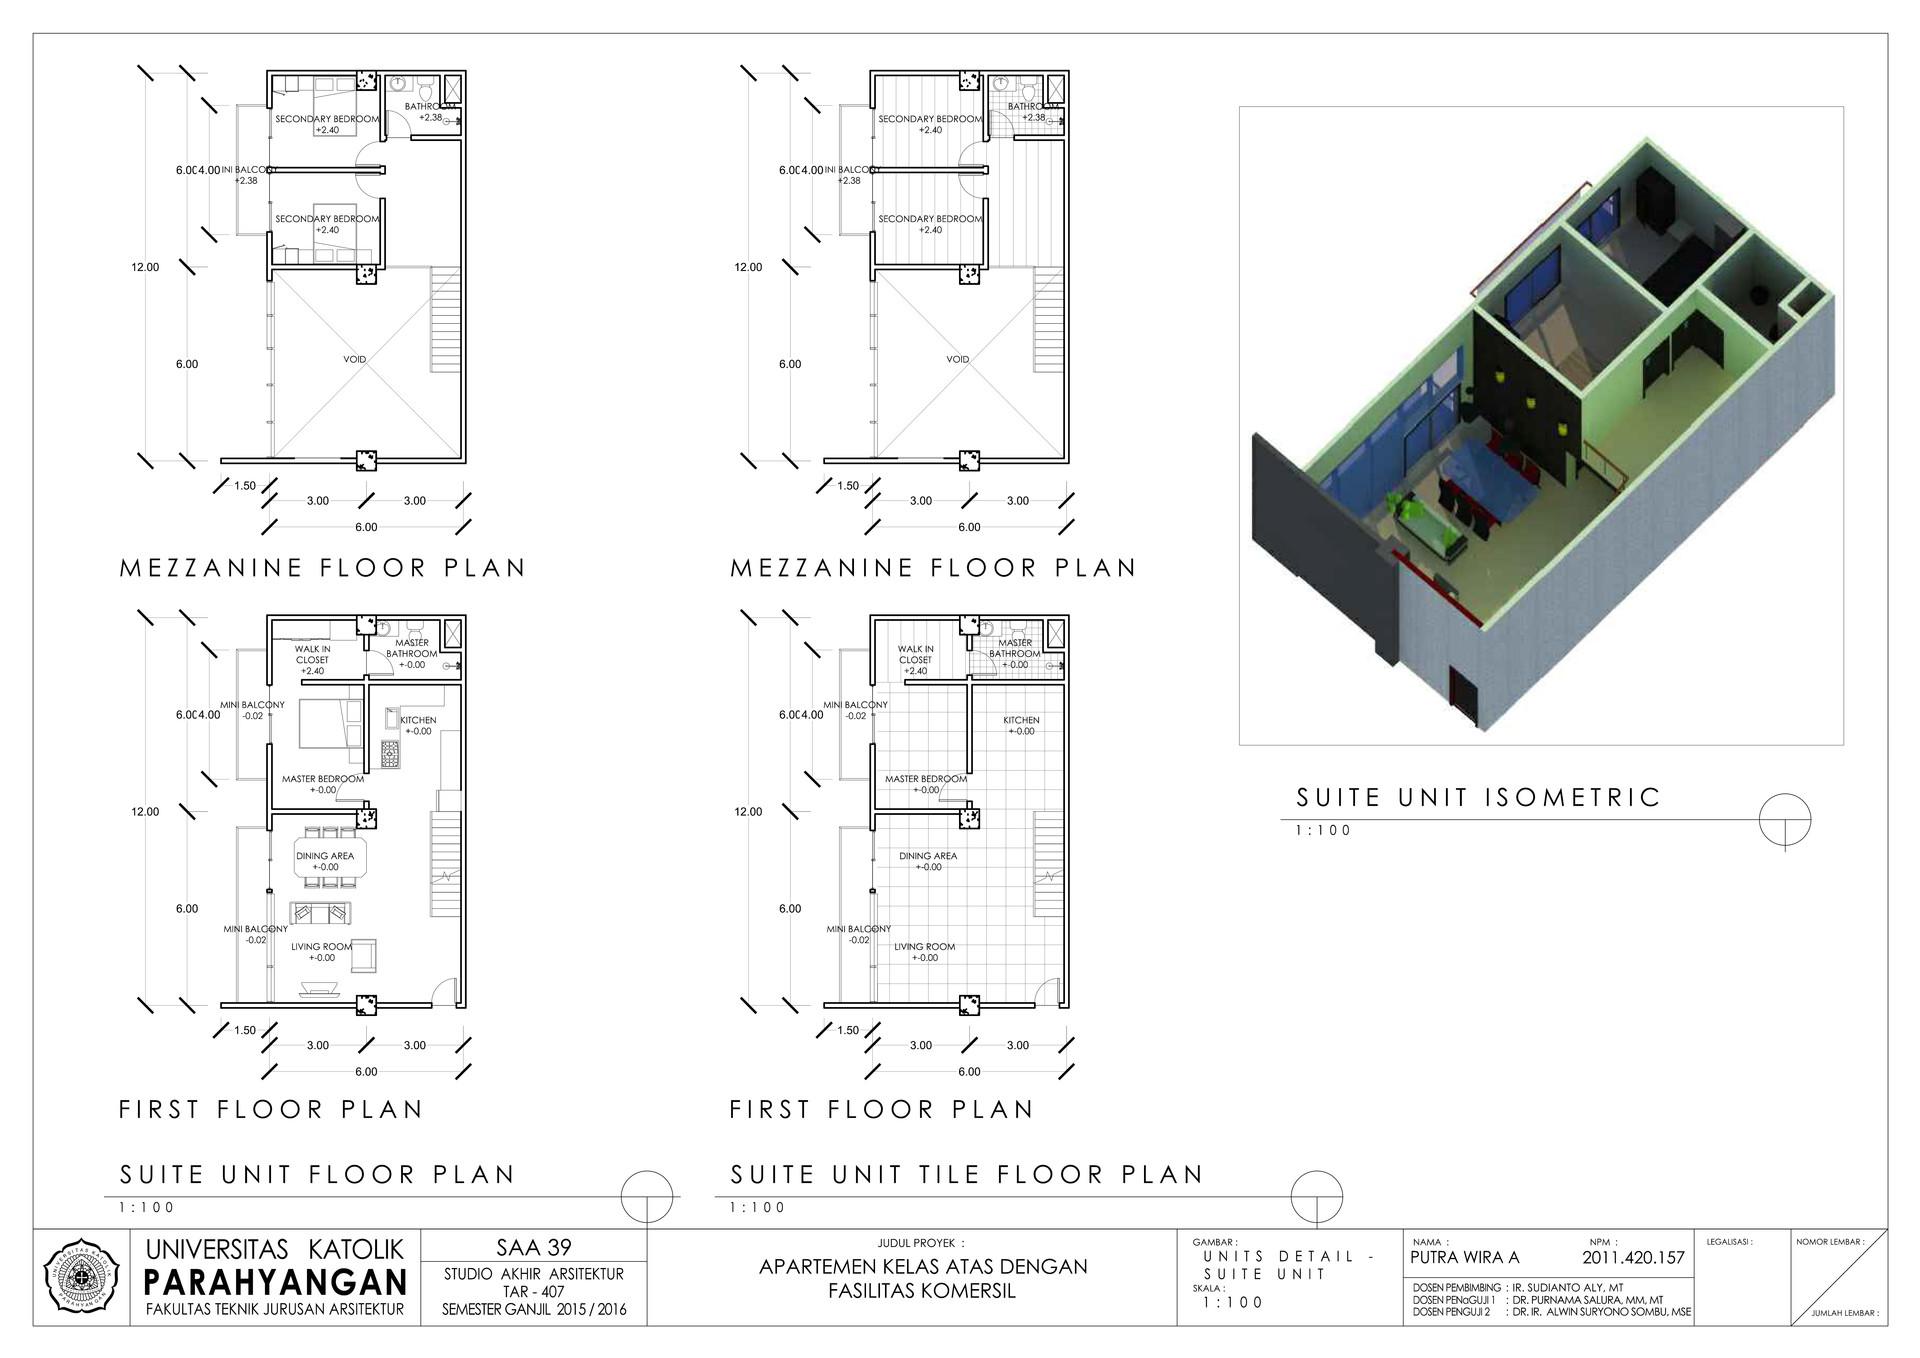 Putra wira adhiprajna 8 unit detailed suite